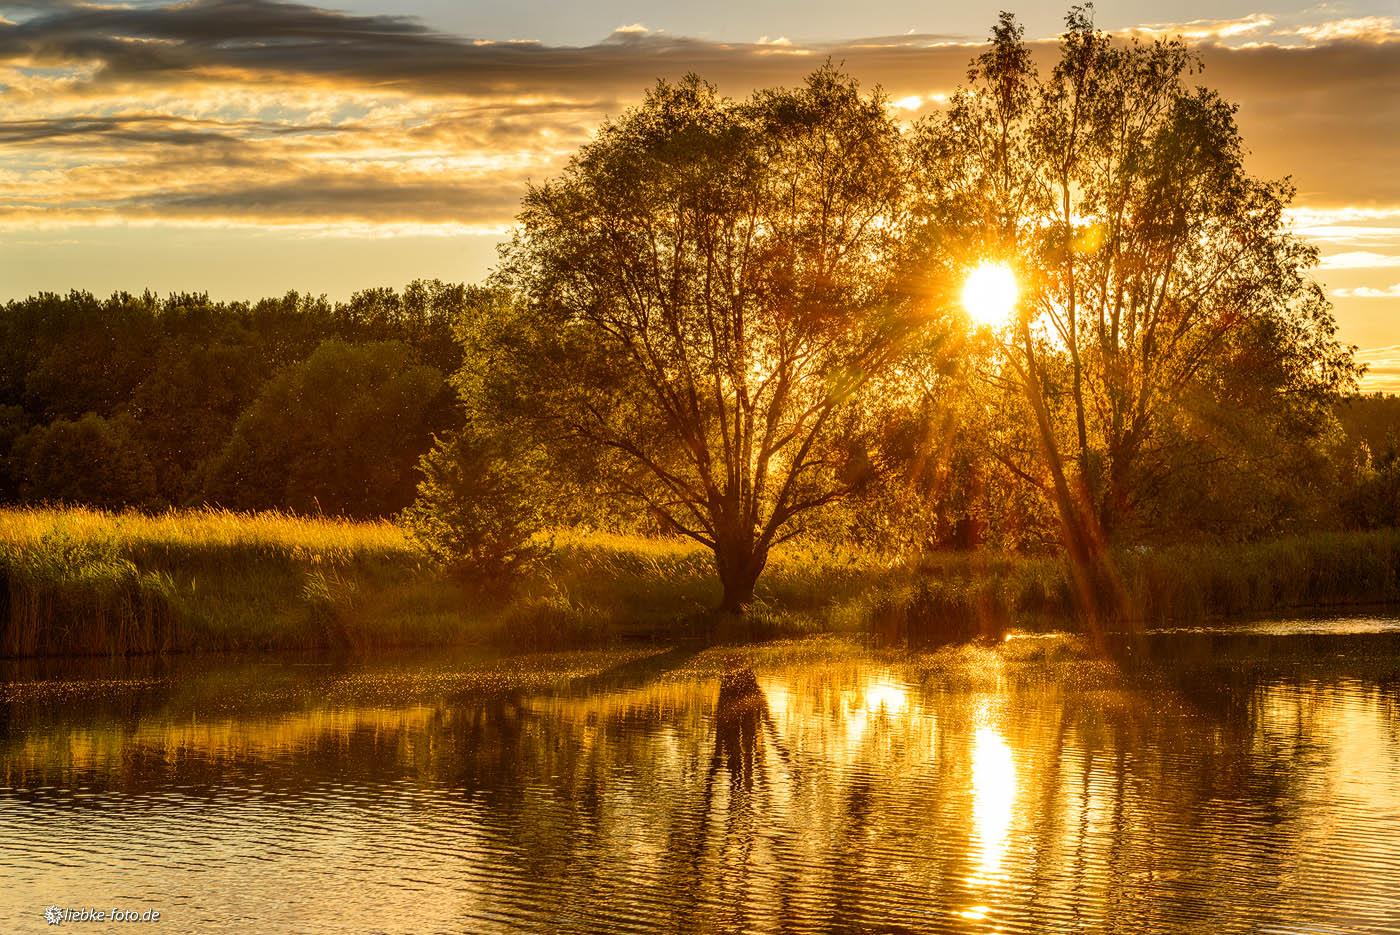 Wunderbare Lichtspiele der Abendsonne